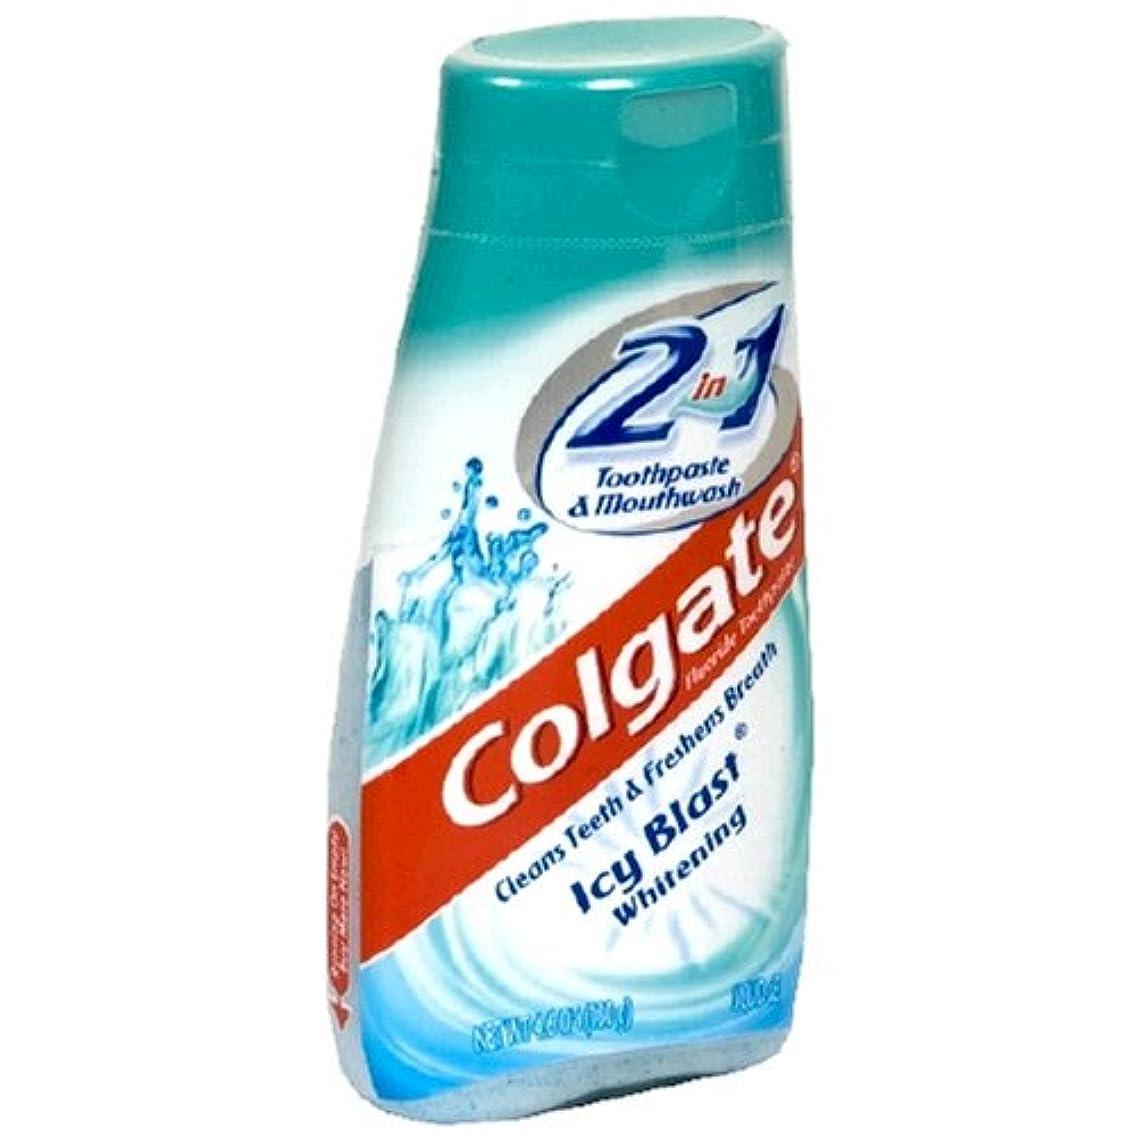 教えて内側極地Colgate 2で1歯磨き粉およびマウスウォッシュ、美白アイシーブラスト - 4.6オズ